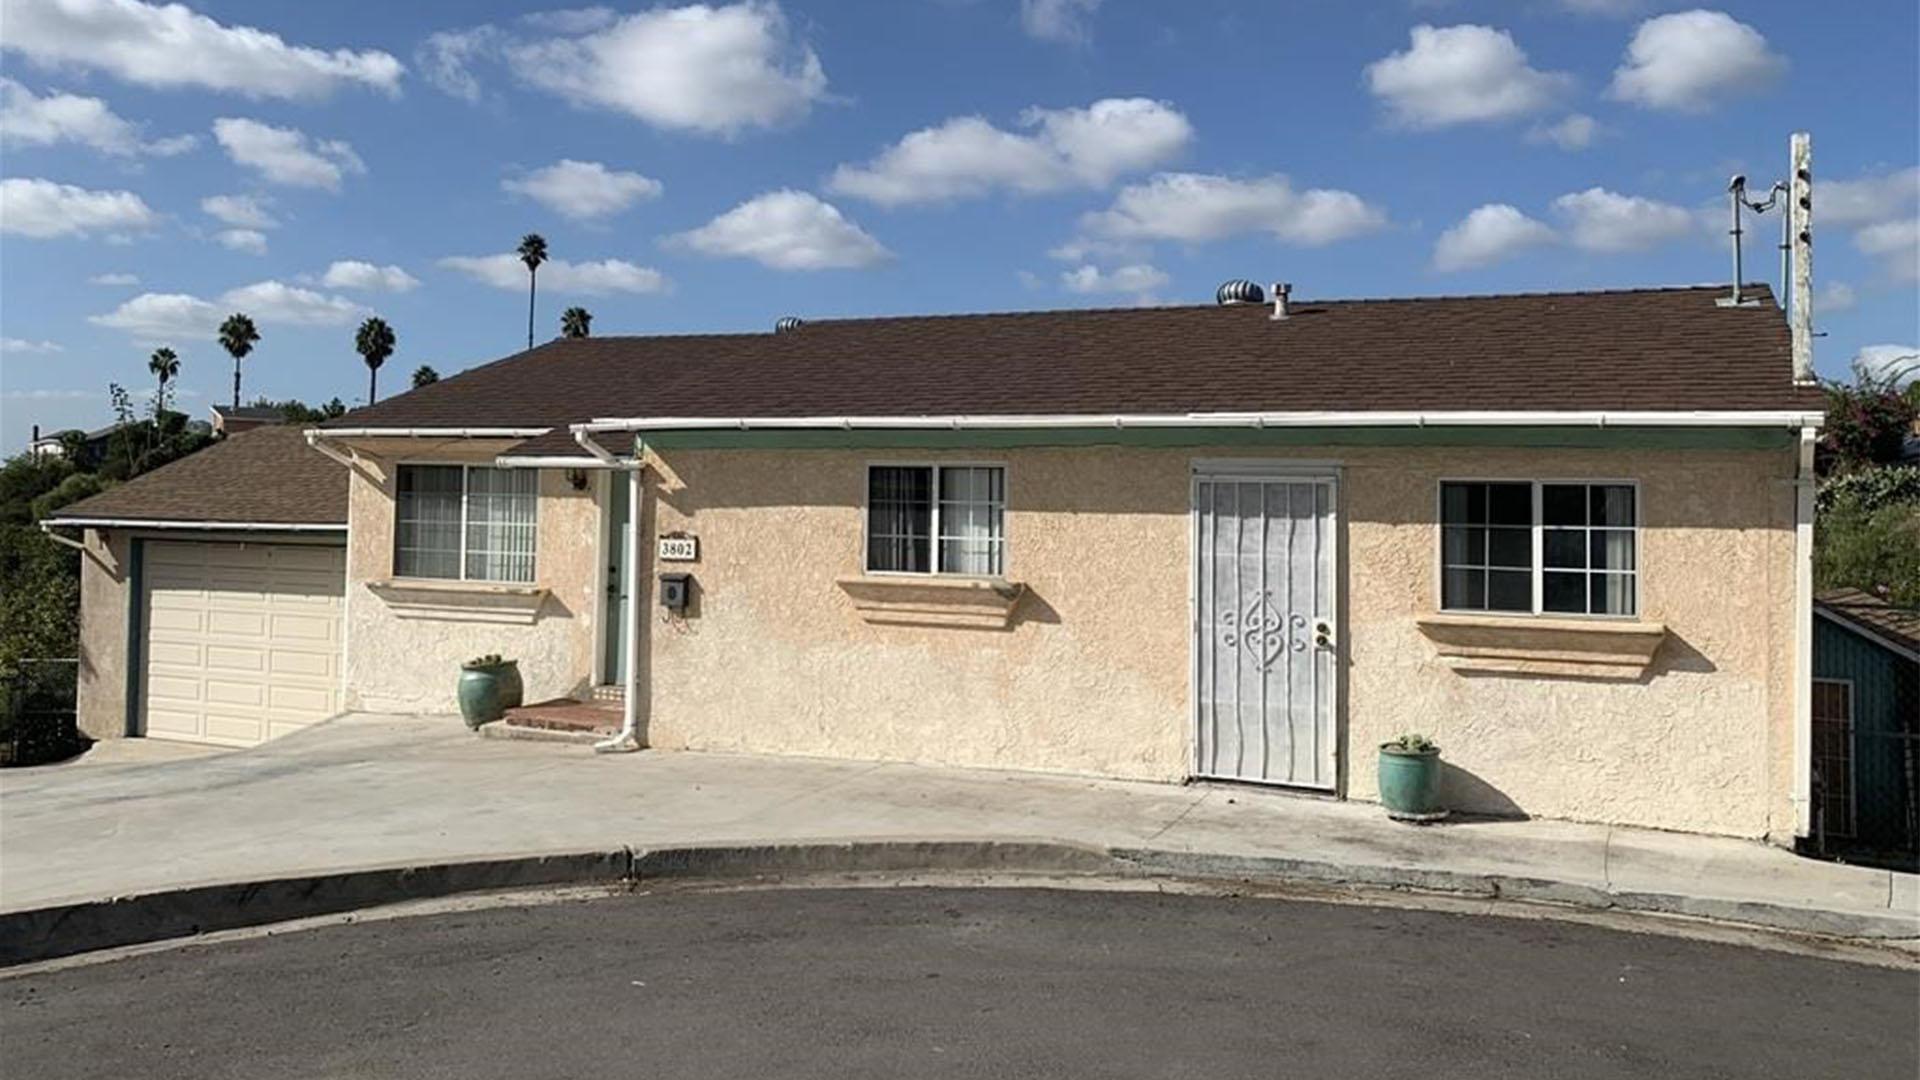 3802 49th St. San Diego, CA 92105